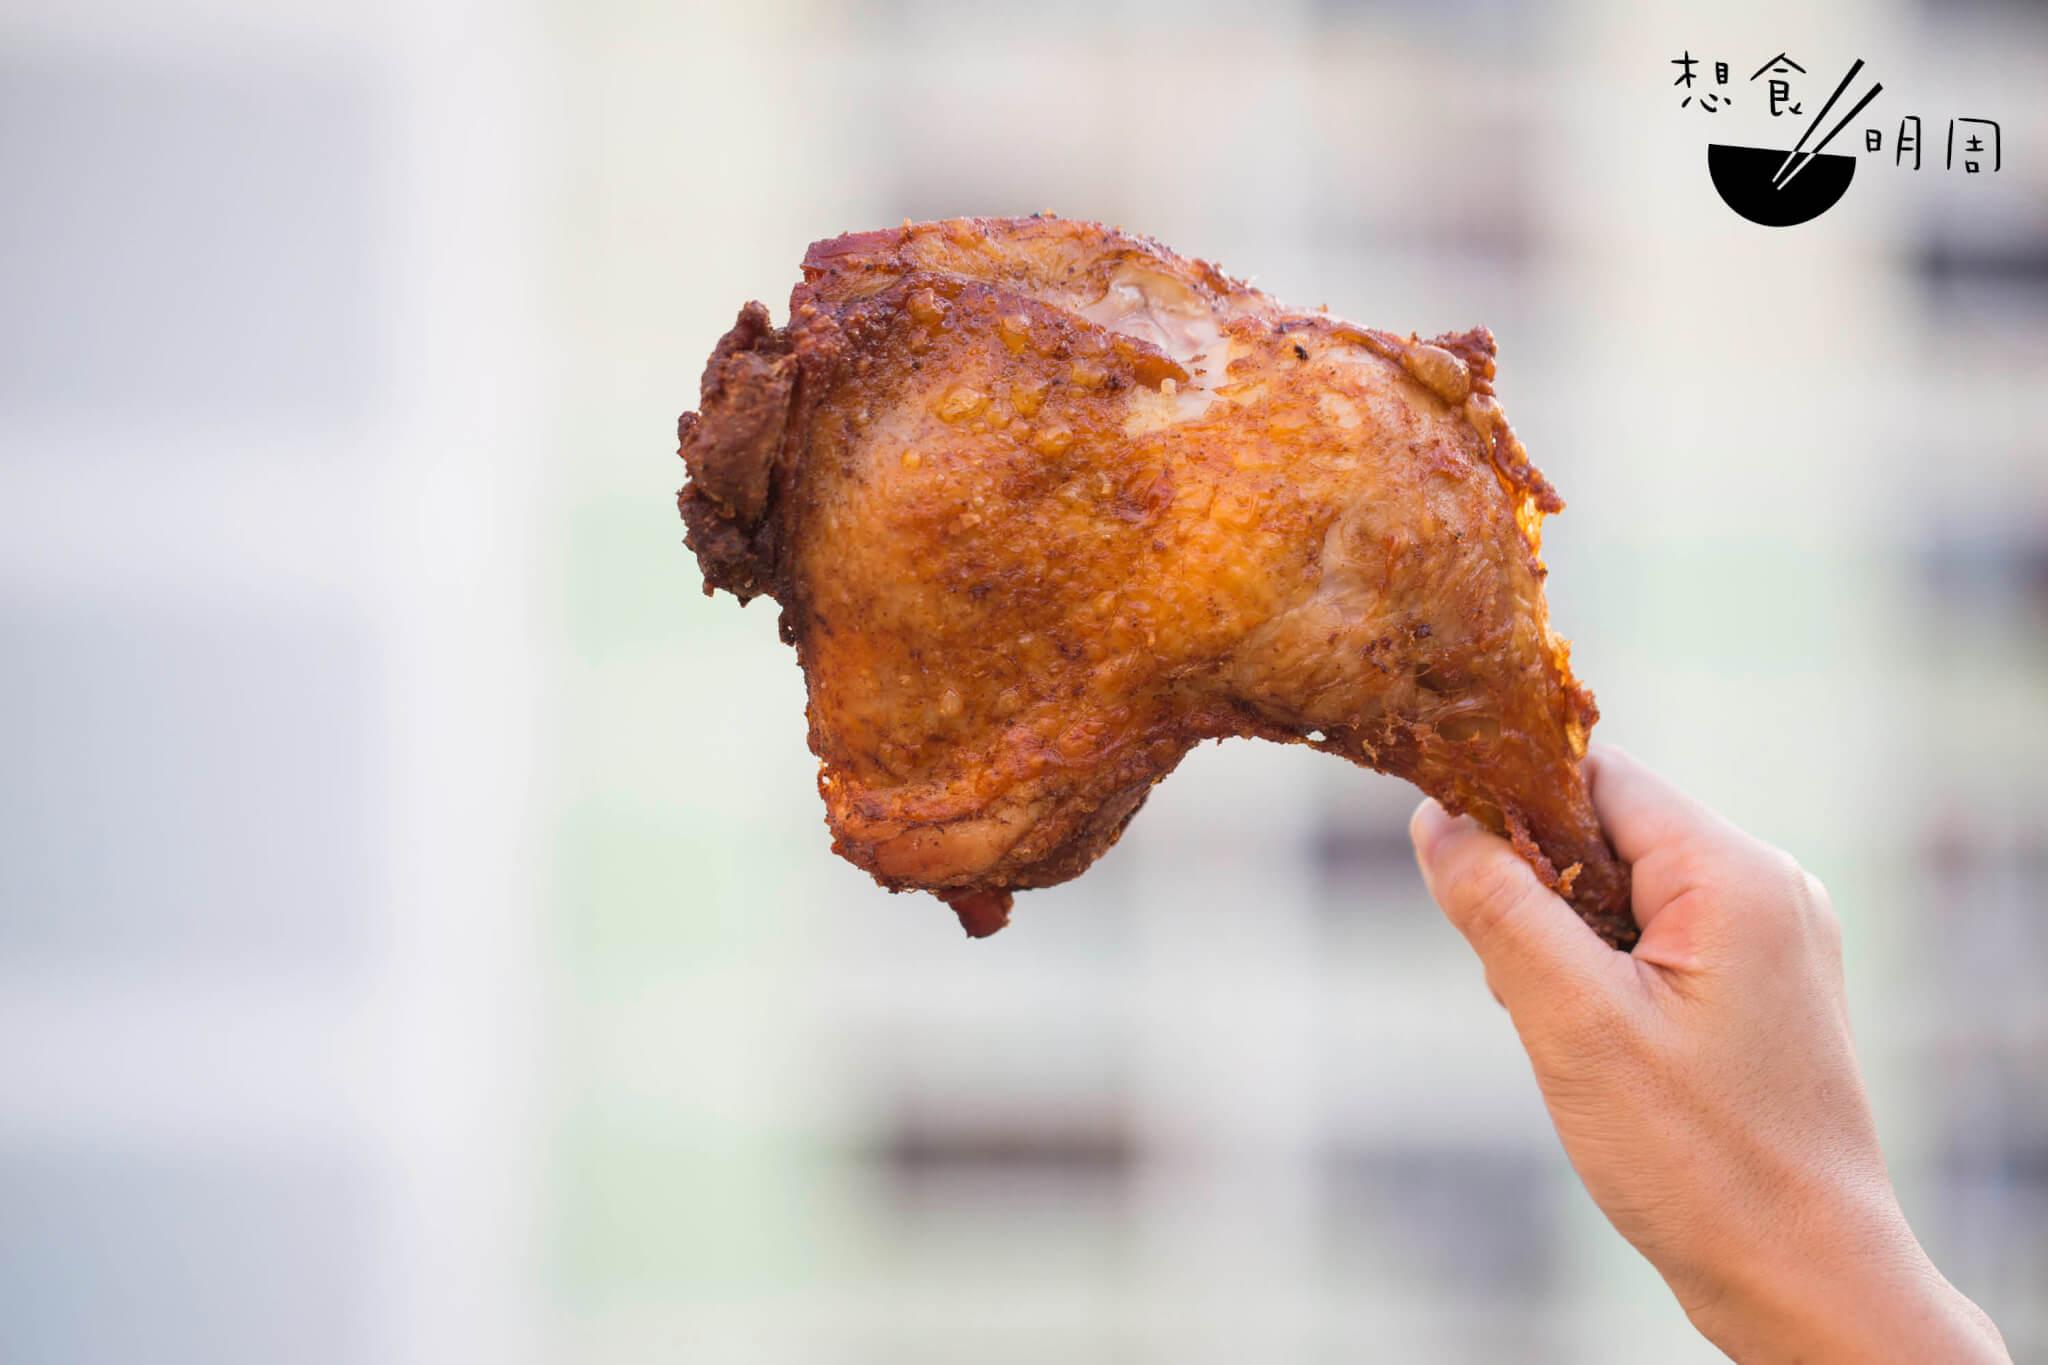 特大雞髀 // 雞髀有手掌般大,香料味道馥郁紛 陳,老闆曾生說成本不菲:「也試 過想換便宜點的醃料和香料,卻做不出以前一貫的味道,故繼續採 用。」($27)